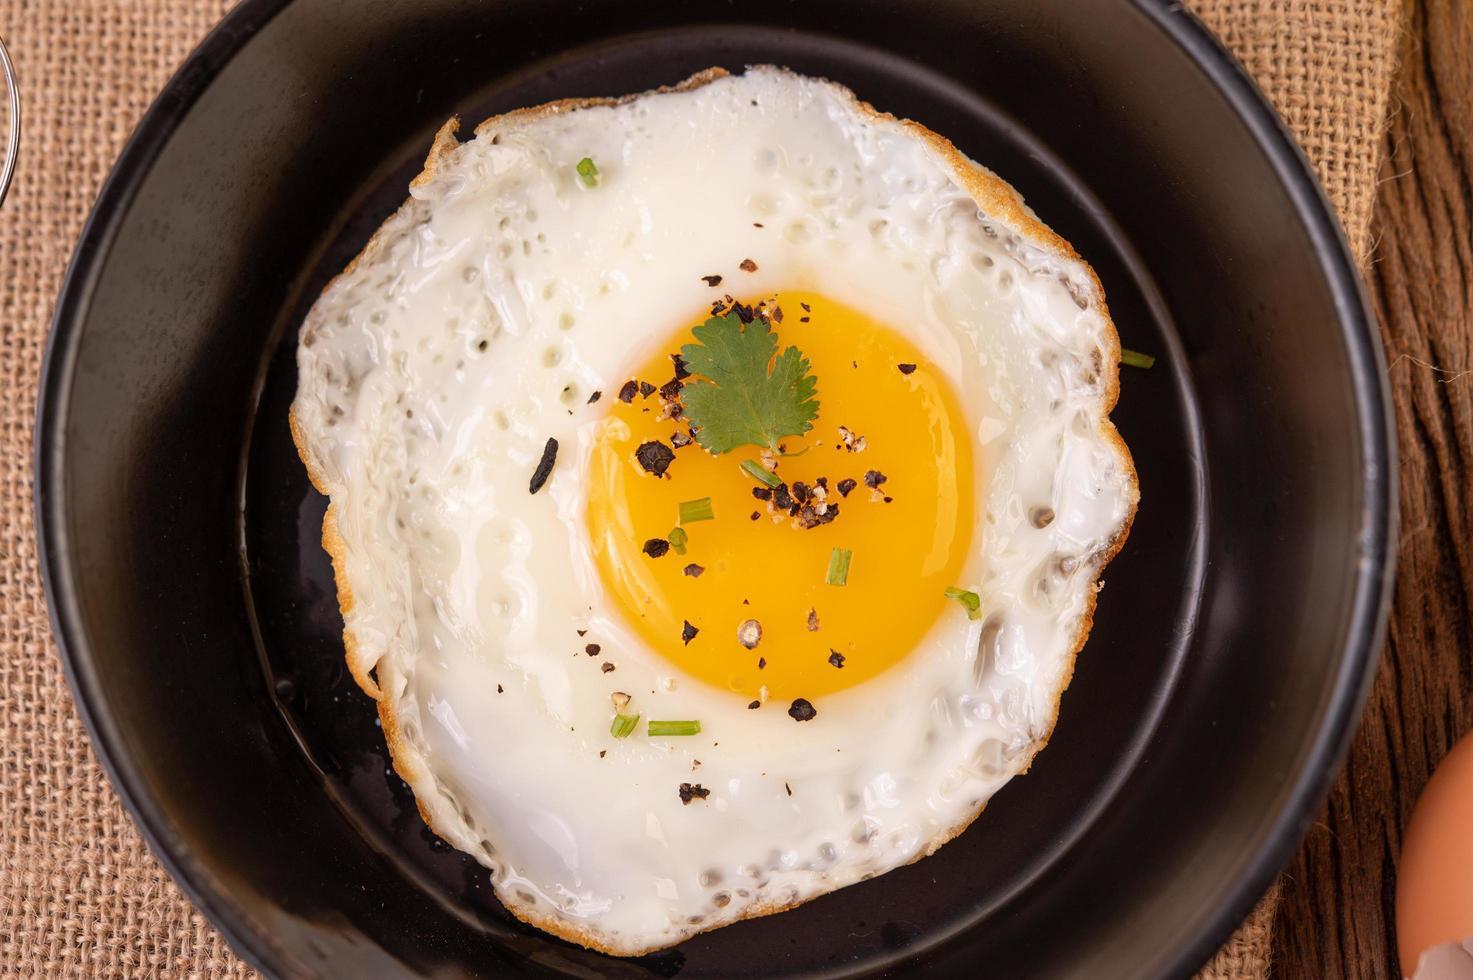 desayuno de huevo frito foto